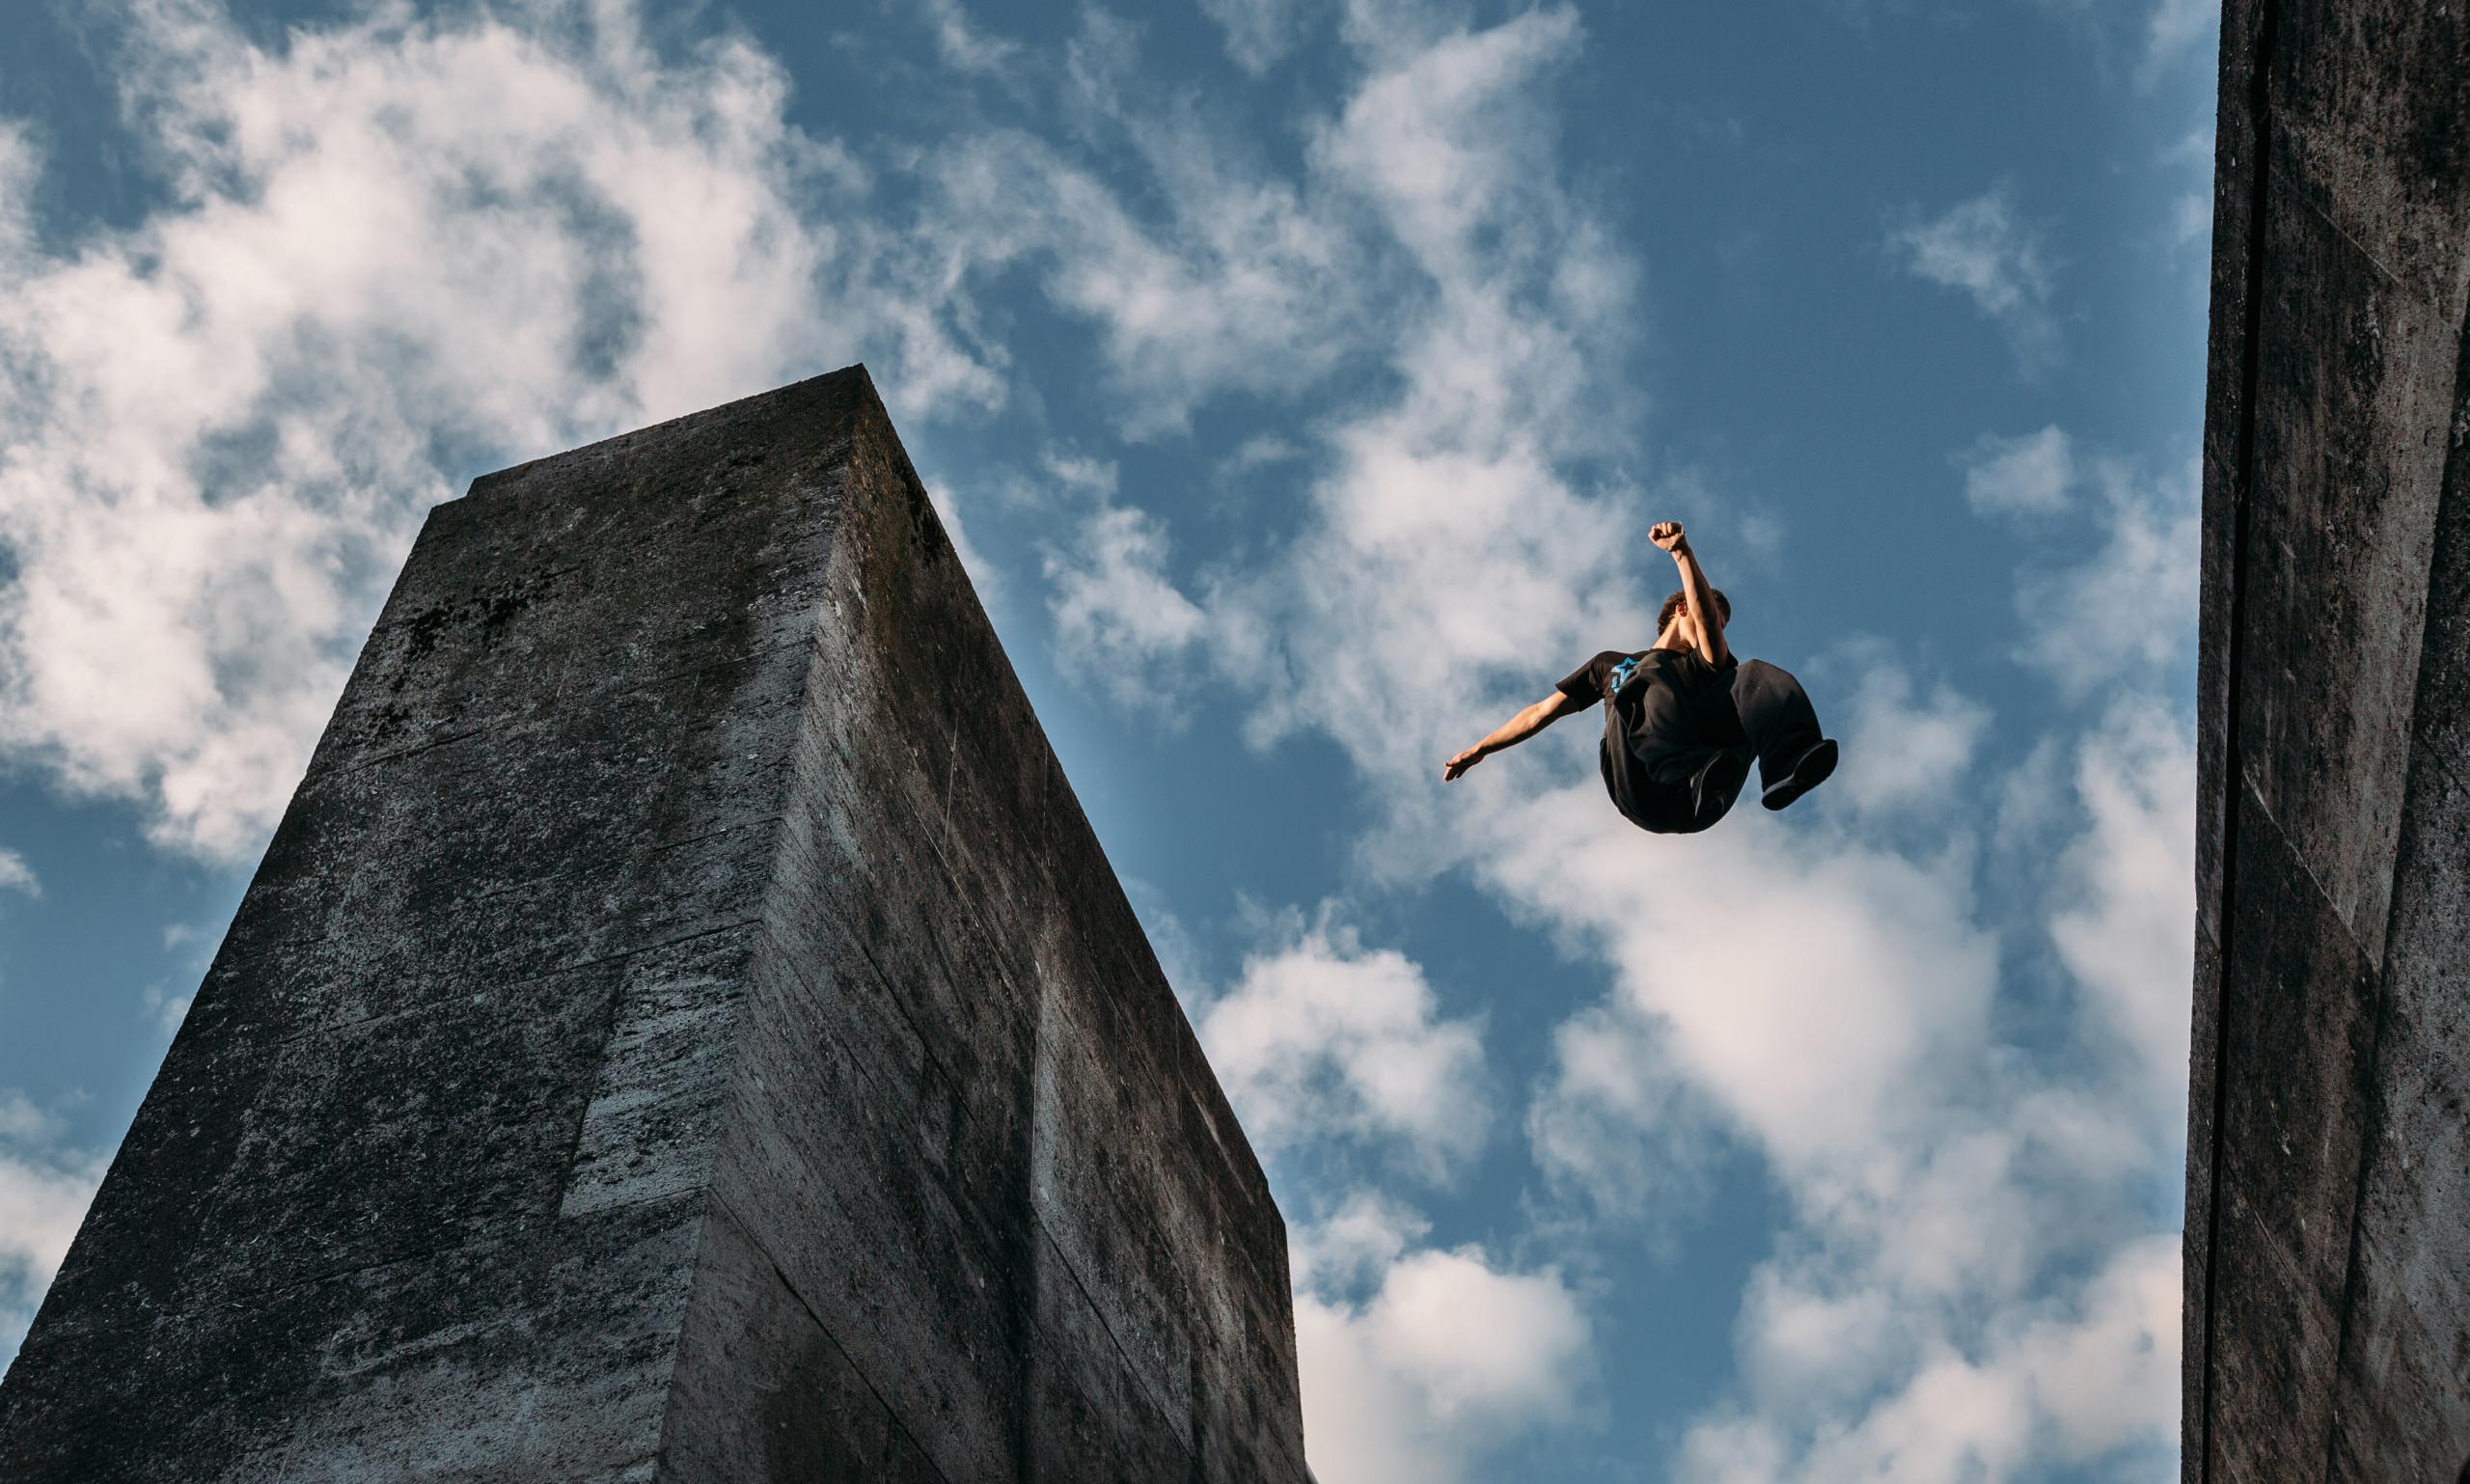 Scott bass parkour photographer v2